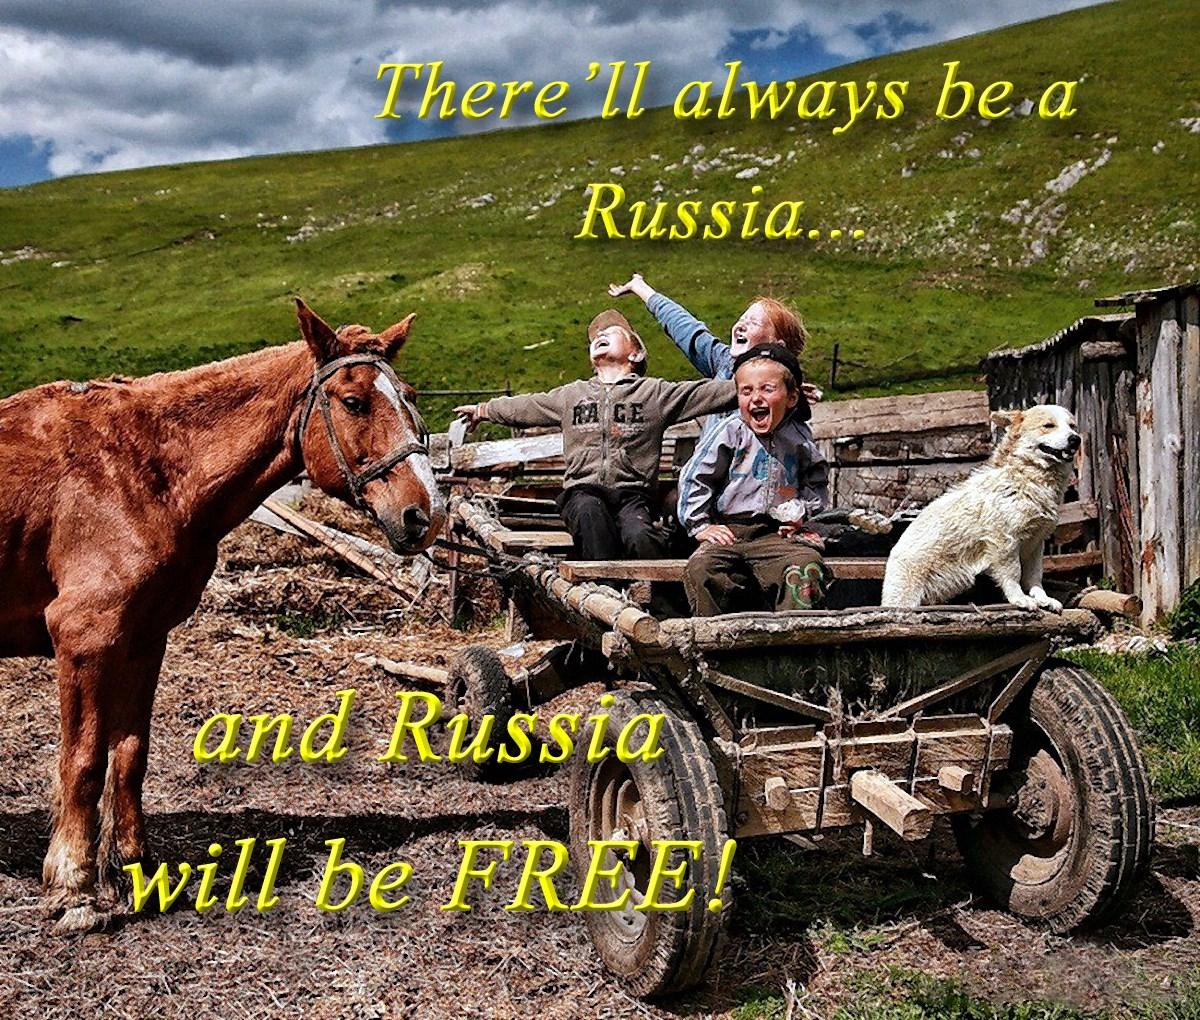 00 Roman Mordashov. russia will be free. 170715